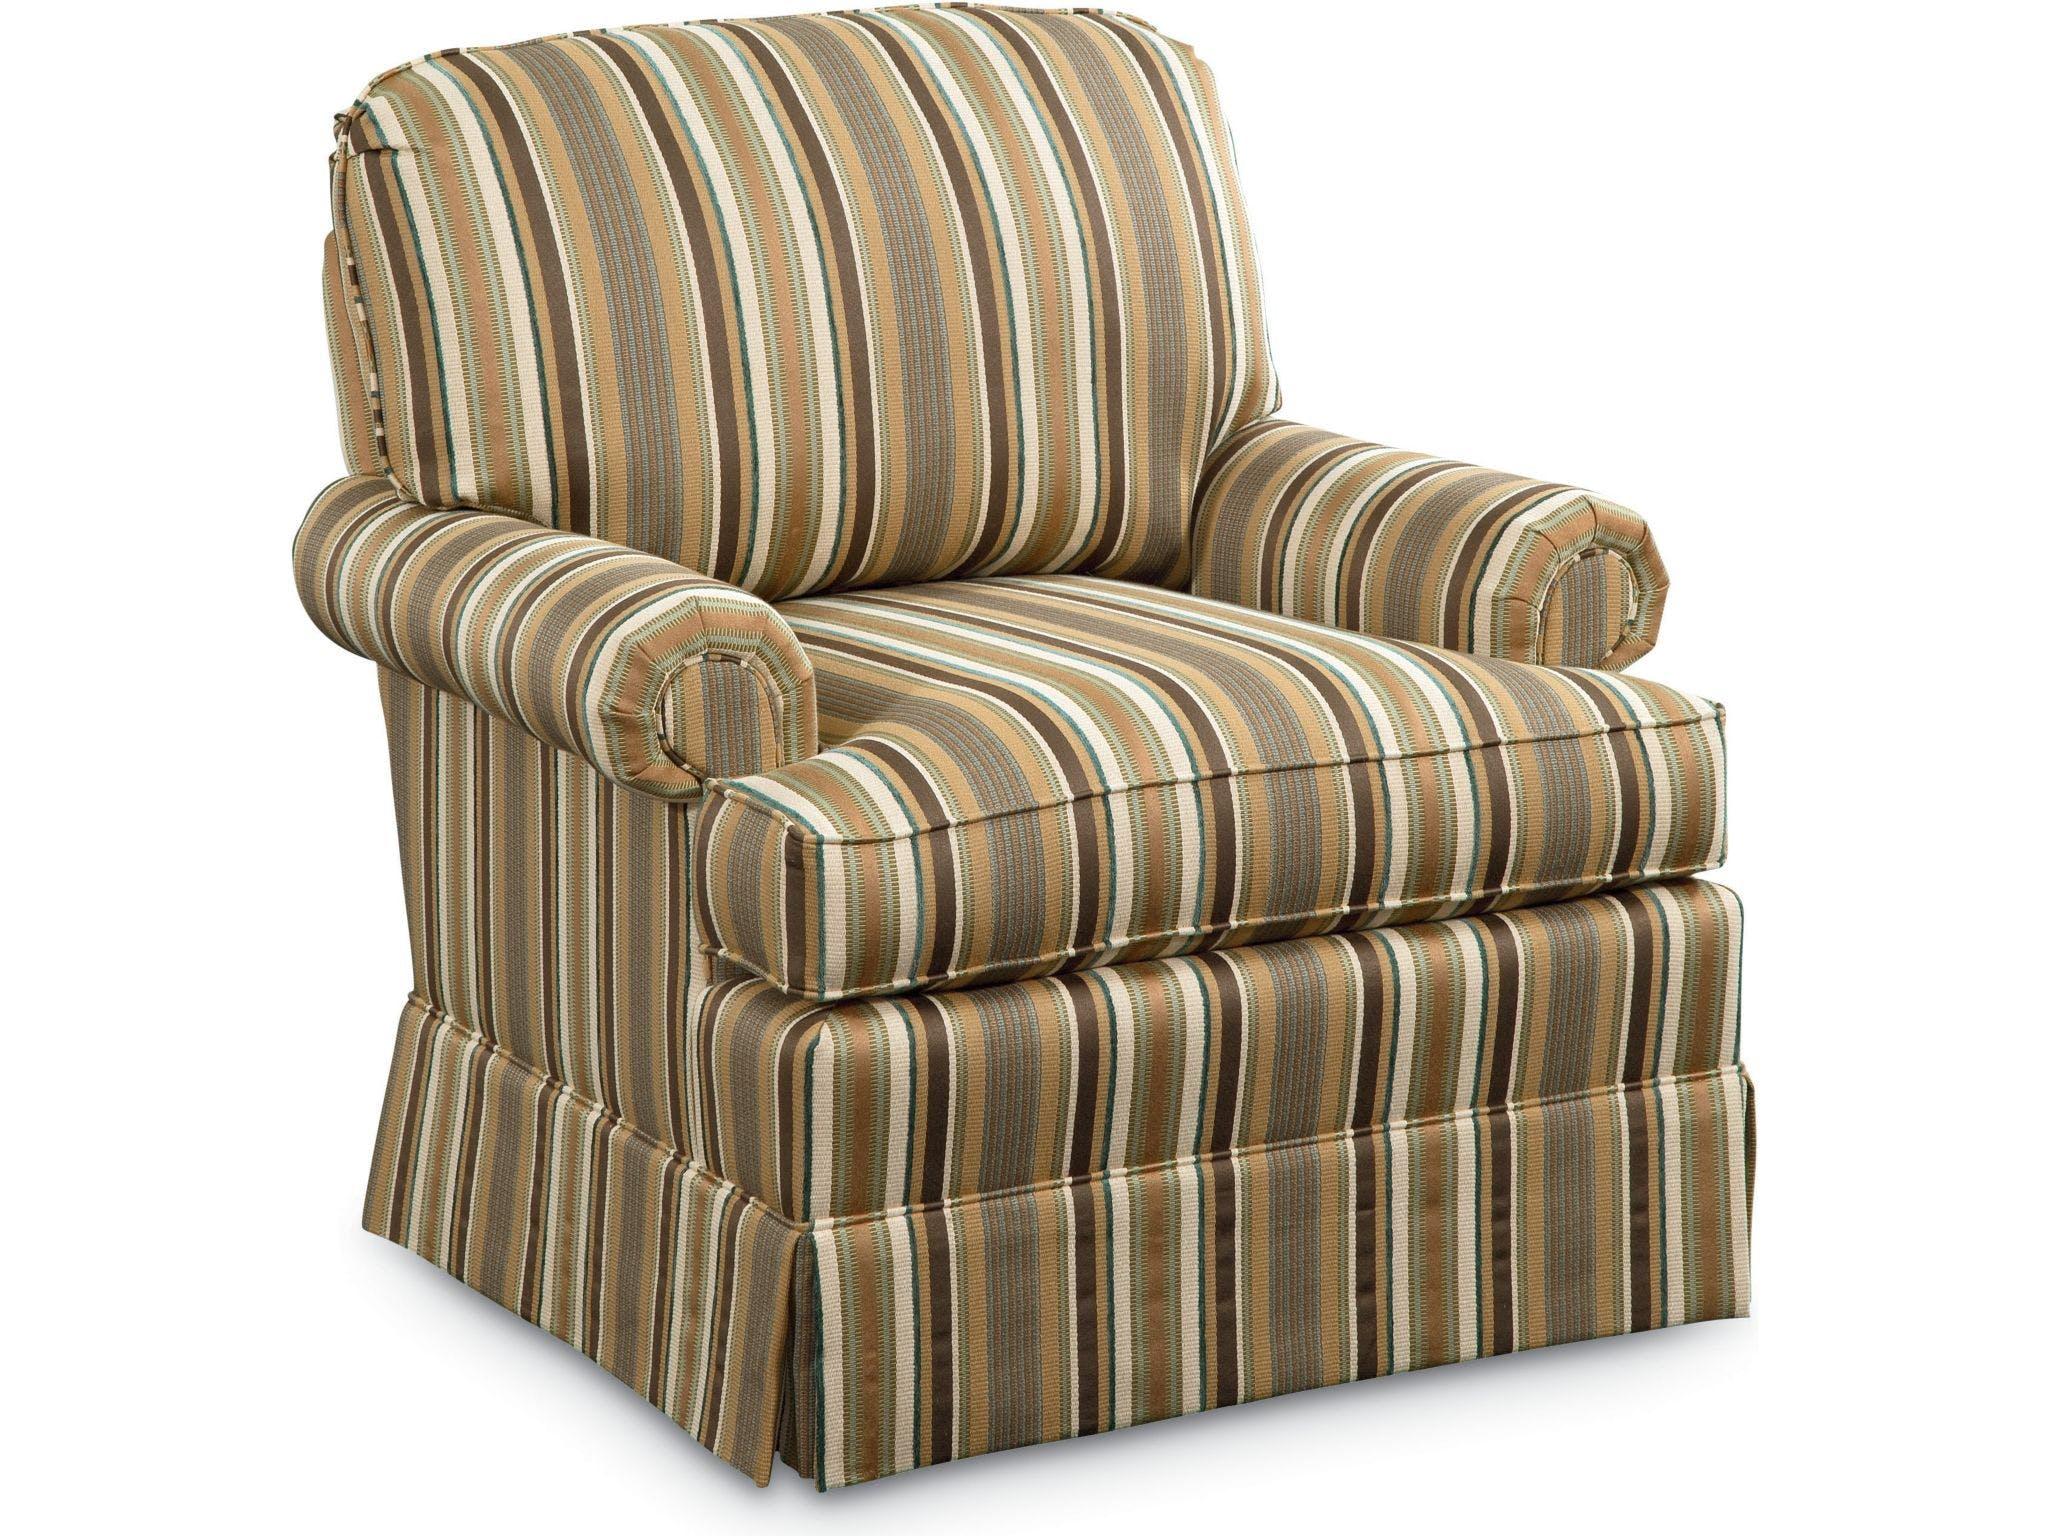 Thomasville Living Room Atlantis Swivel Rocker Chair 1052 15SR